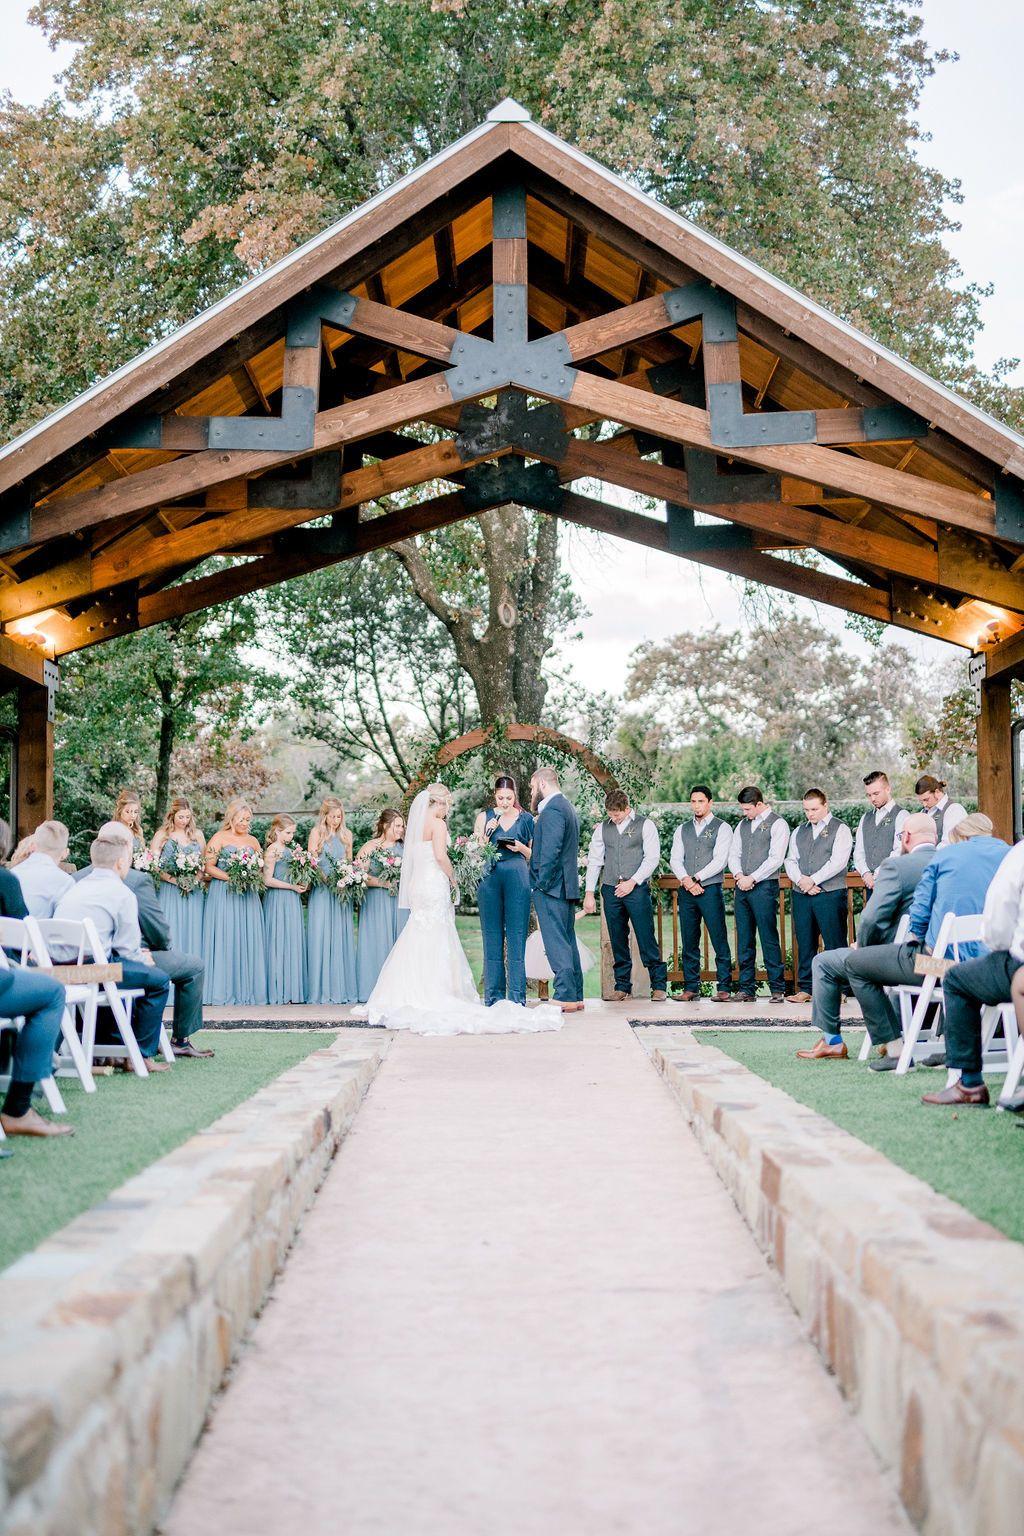 Outdoor Ranch Wedding Venue Outdoor Southern Wedding Venue Best Texas Wedding Venues Wedding Venues Texas Rustic Wedding Venues Texas Ranch Wedding Venue